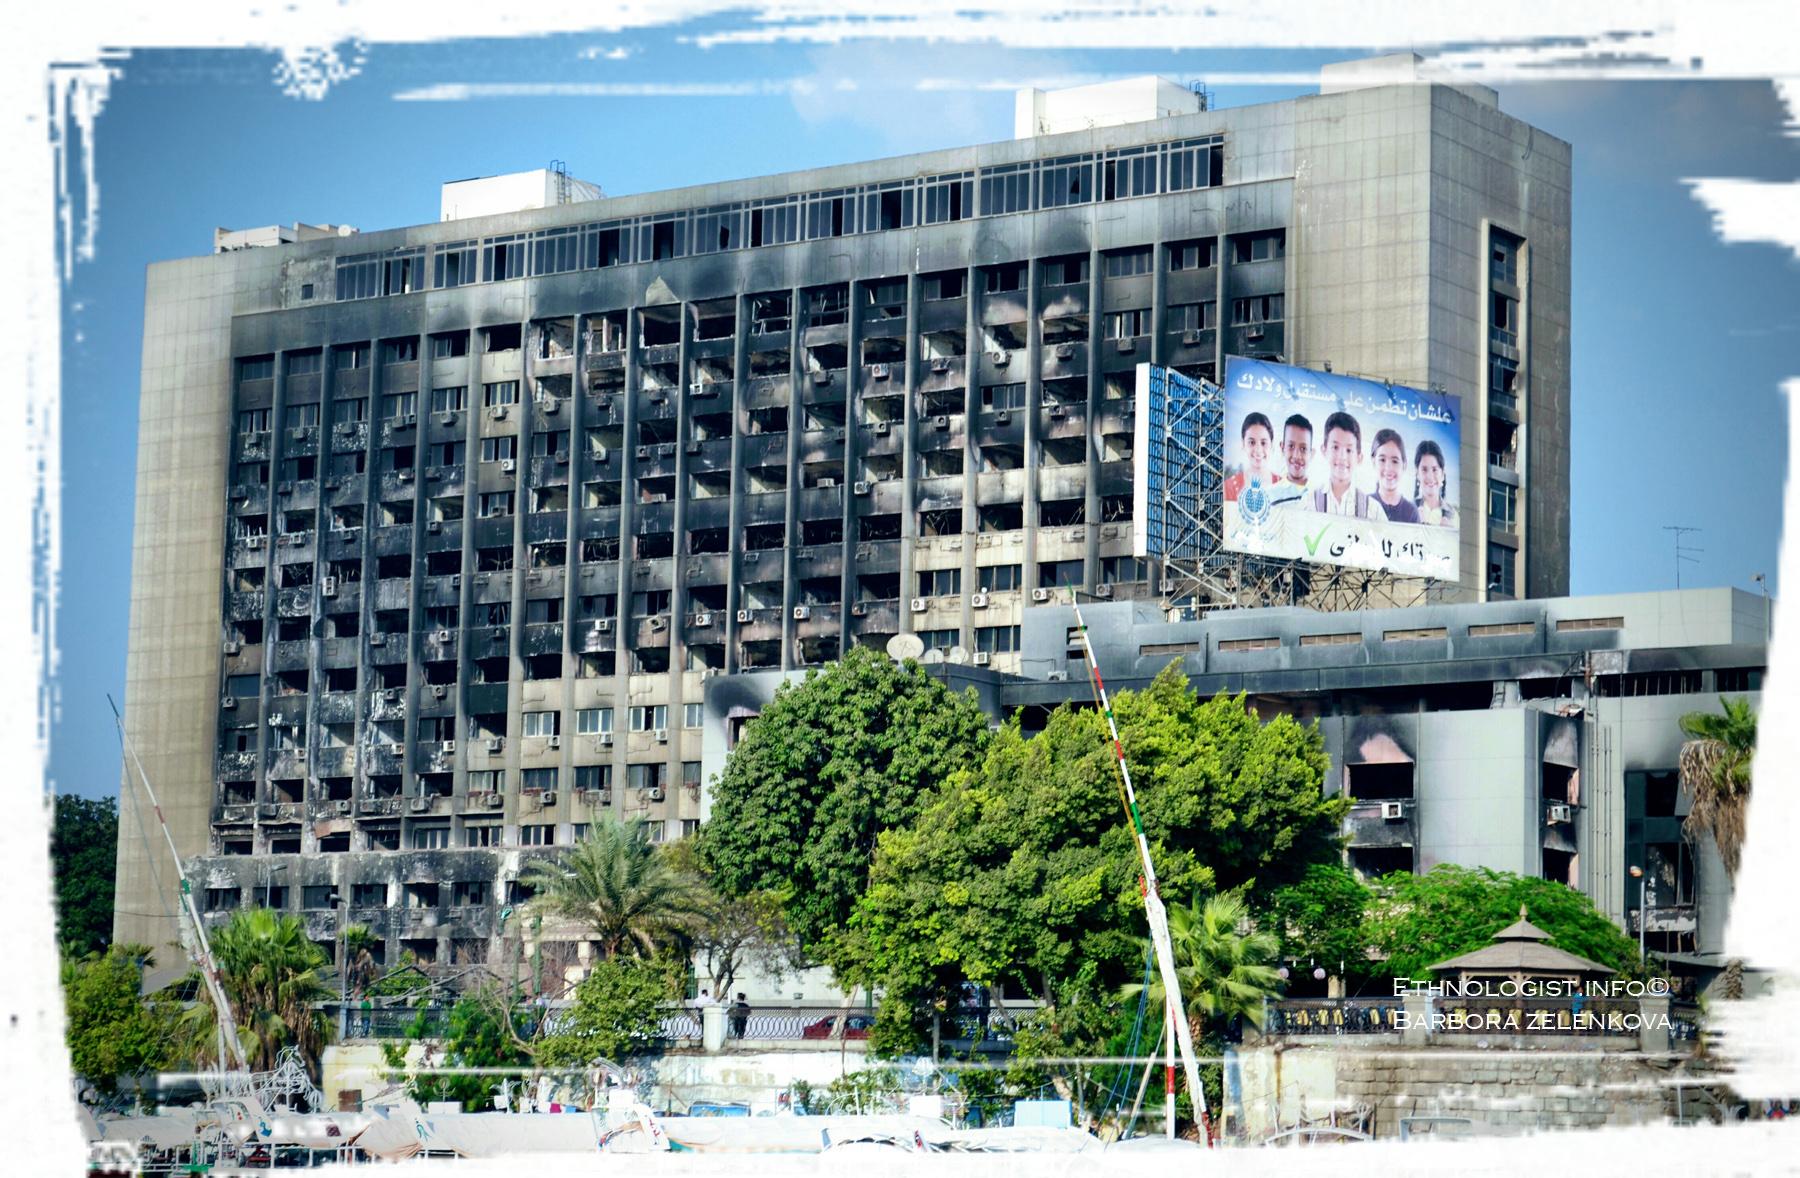 Vyhořelé sídlo Národně demokratické strany Egypta během lidových demonstrací v roce 2011. Foto: Barbora Zelenková, 2011.